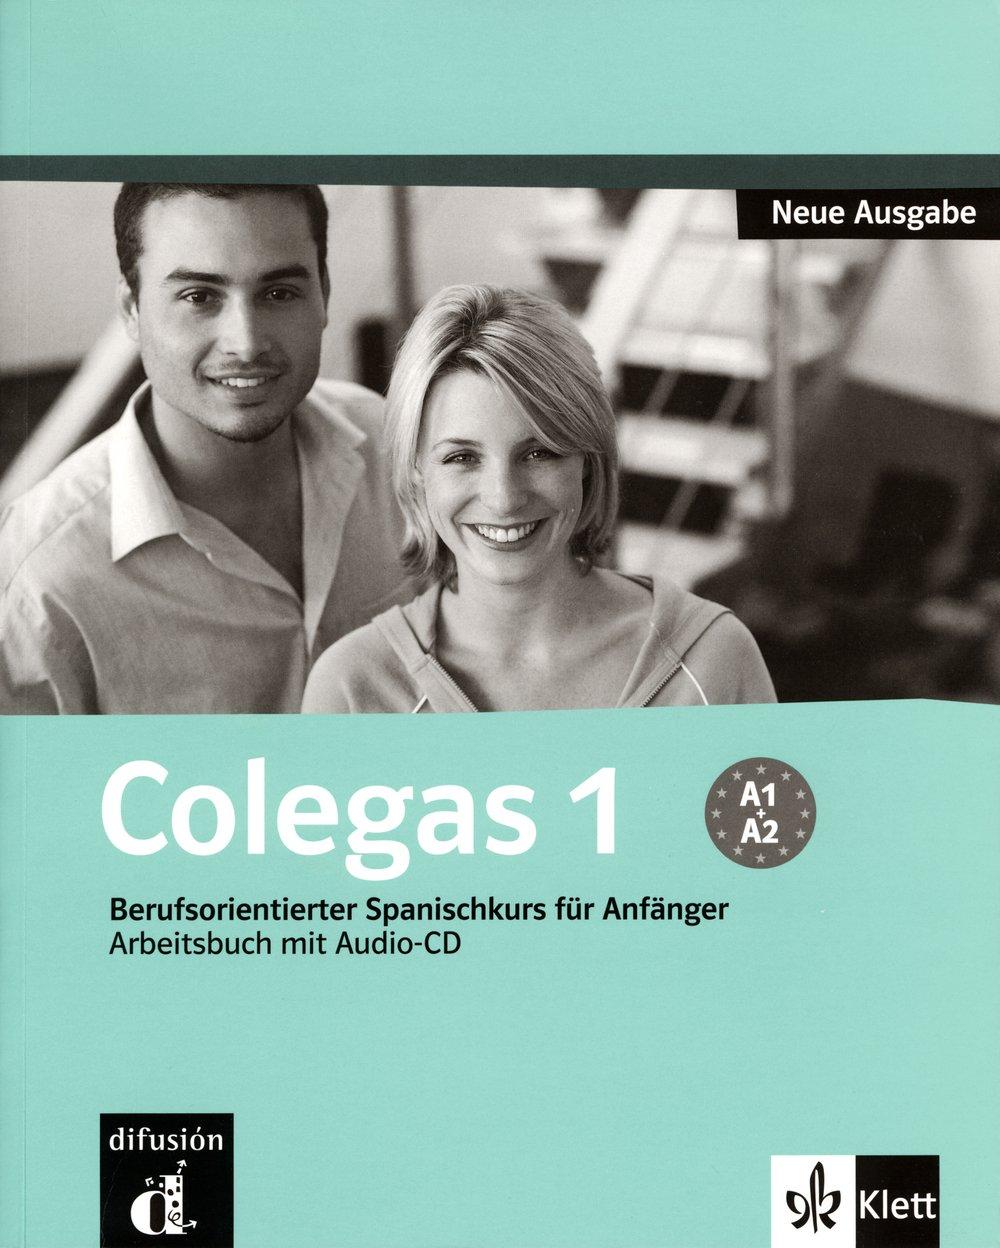 Colegas 1 Neue Ausgabe: Berufsorientierter Spanischkurs für Anfänger. Cuaderno de ejercicios + CD (Klettausgabe)